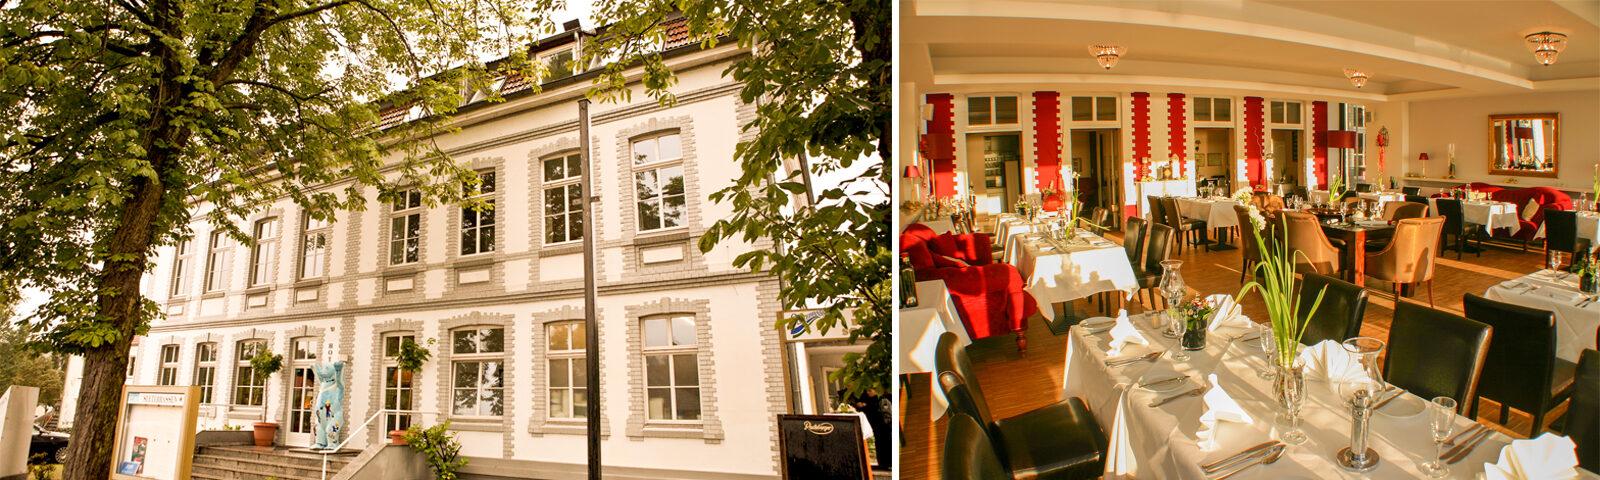 Hotel & Restaurant Seeterrassen | Wandlitz